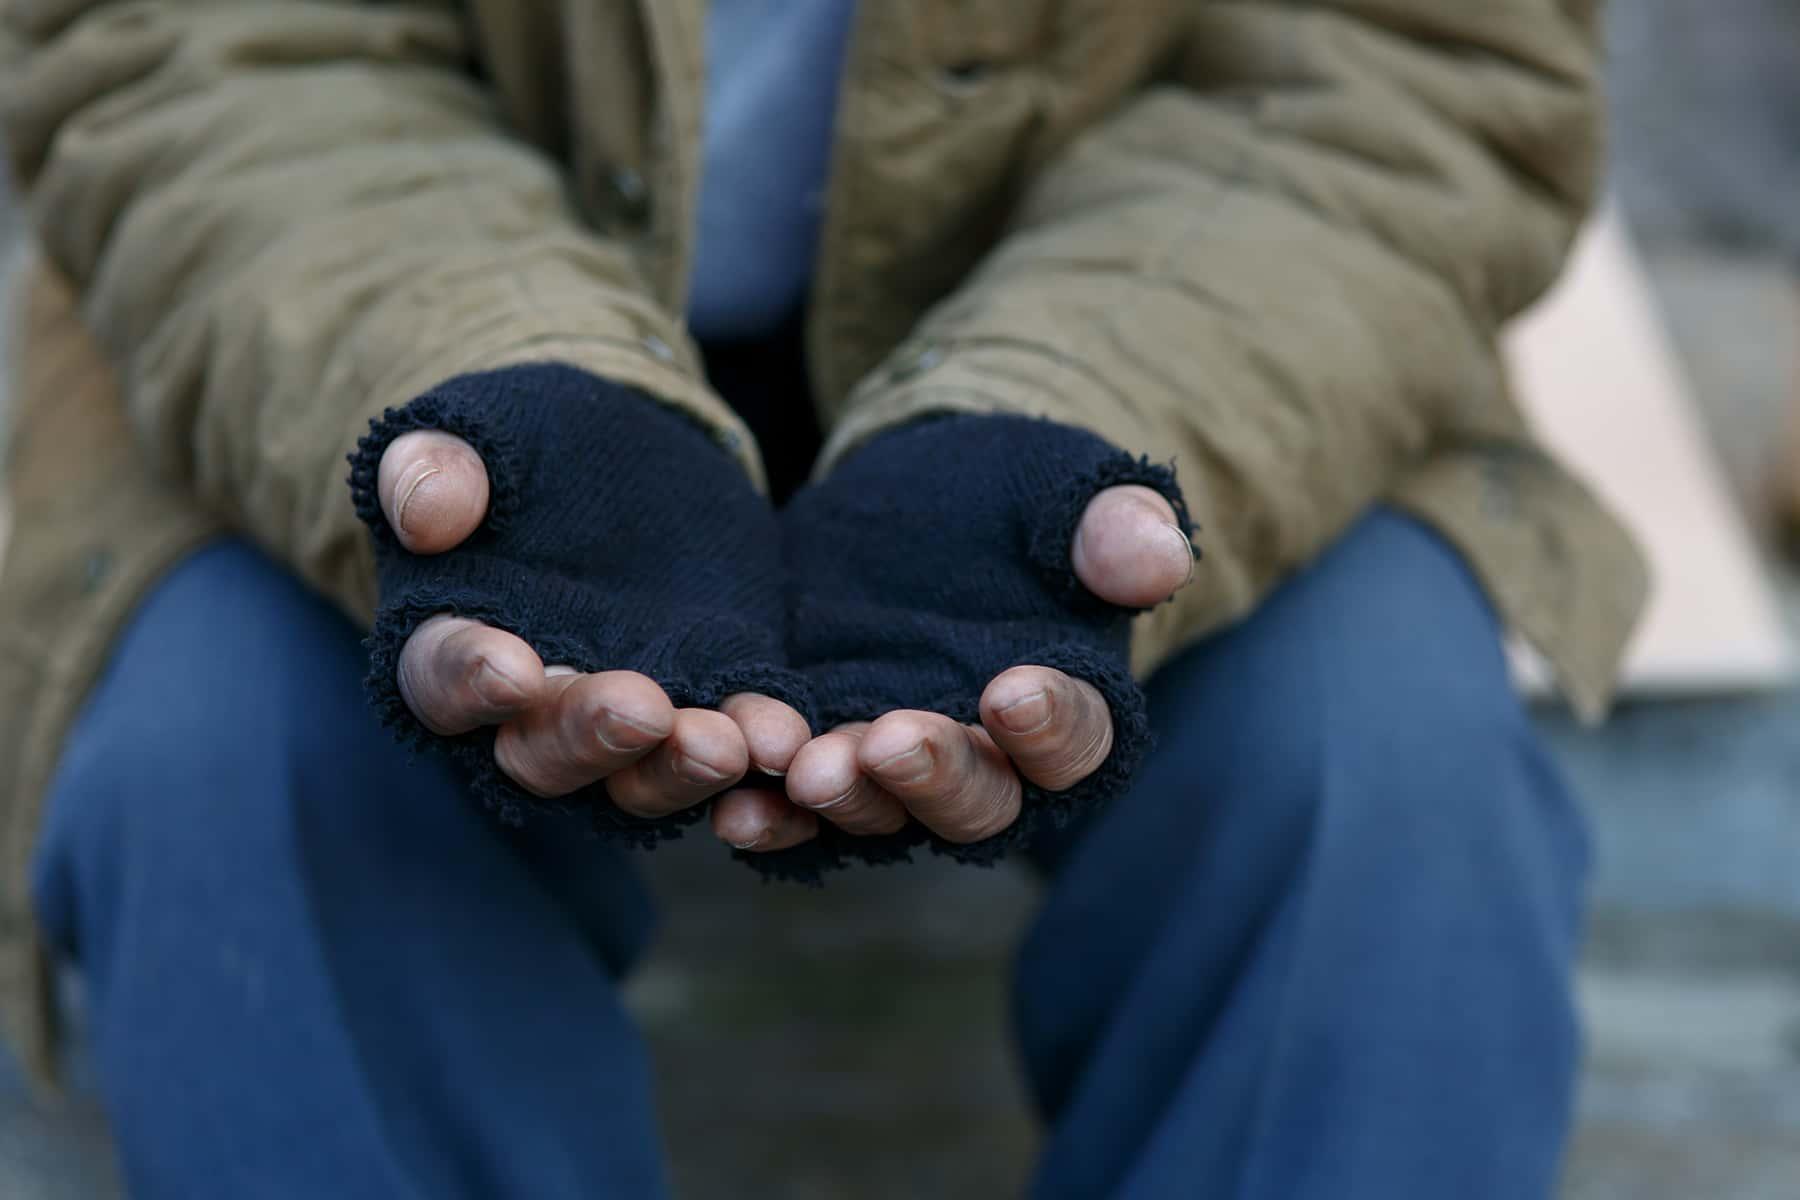 031320_homelesscovid-19